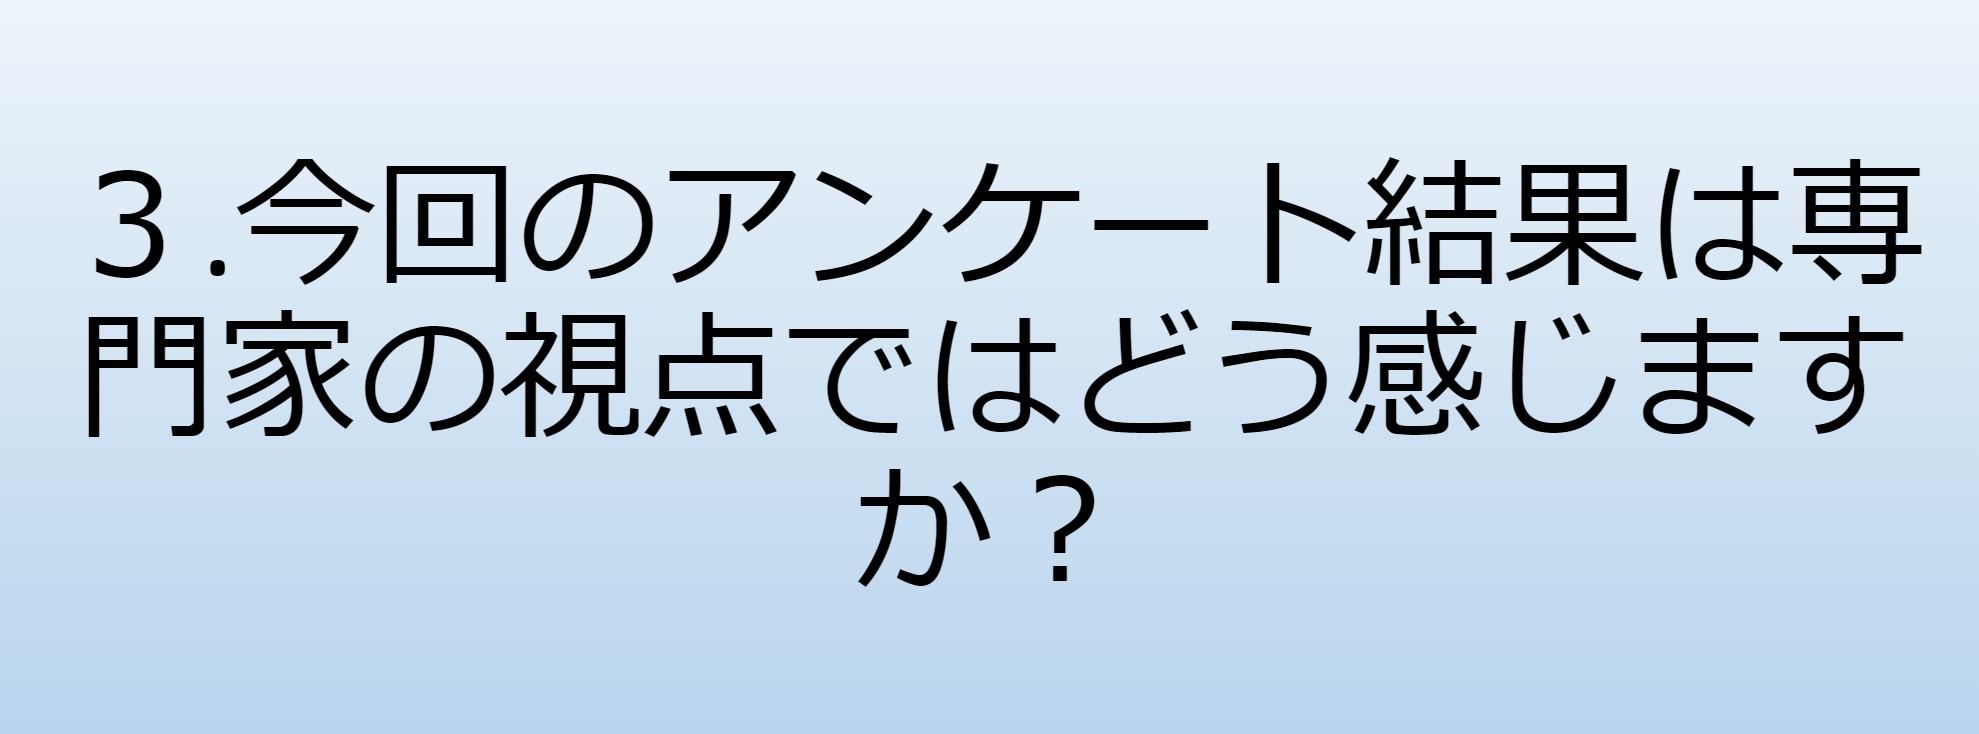 スクリーンショット (24).jpg